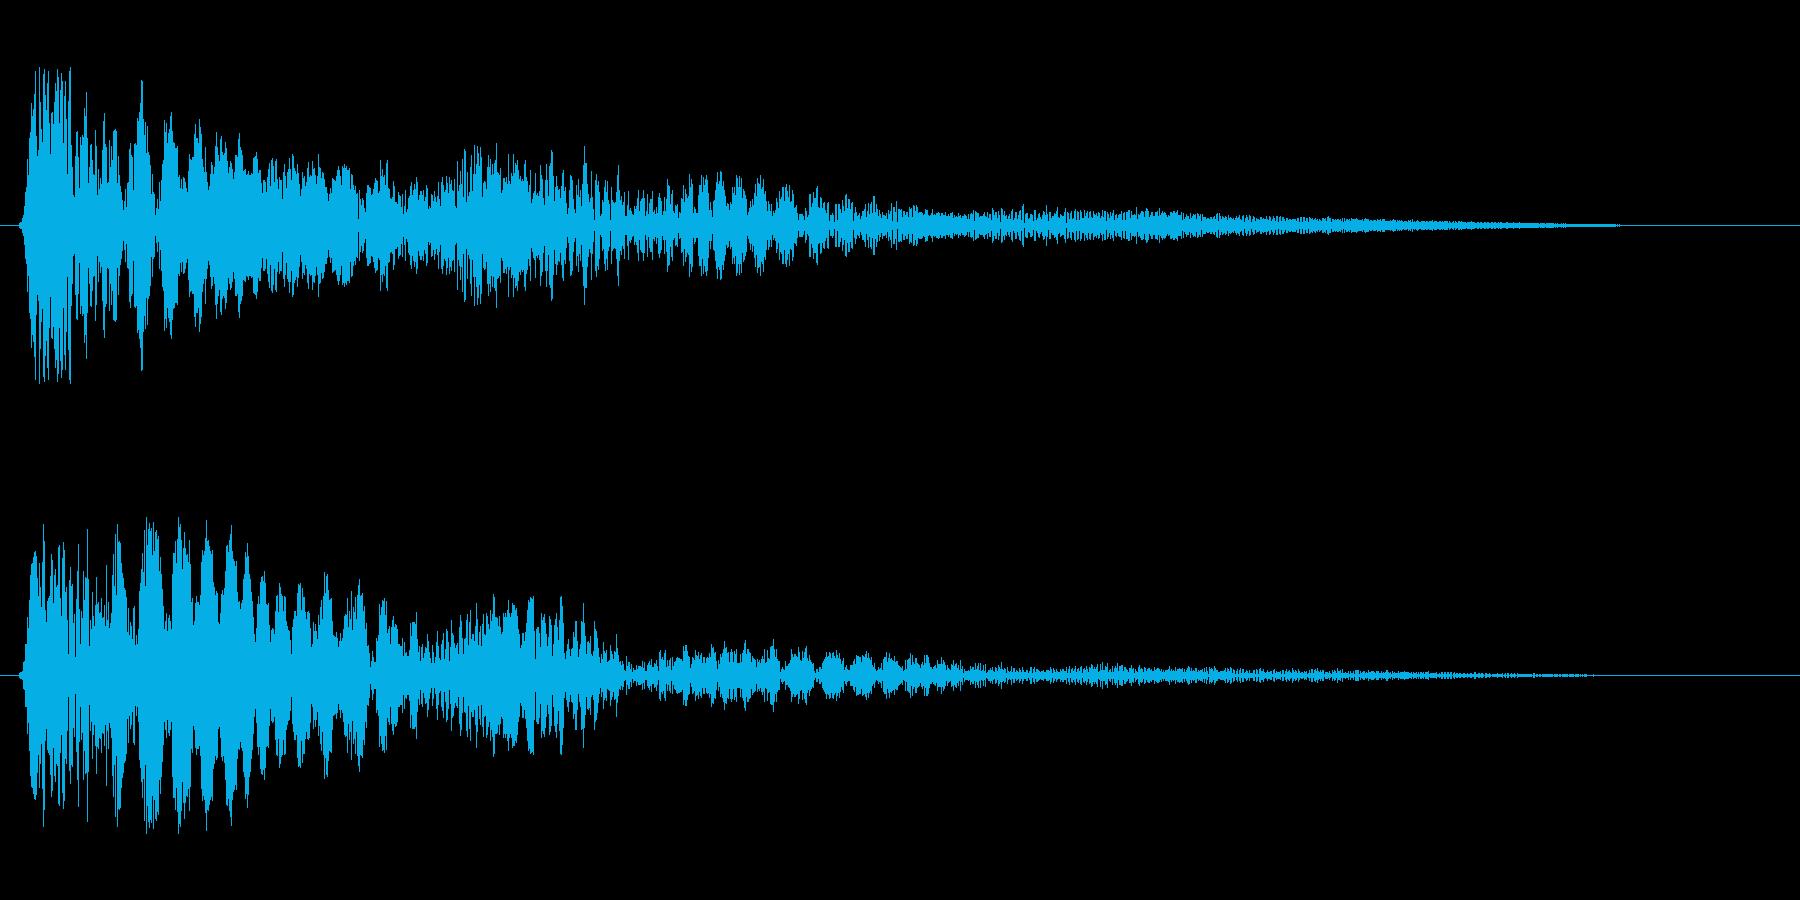 ピヨヨヨョ〜ン(震えているような効果音)の再生済みの波形